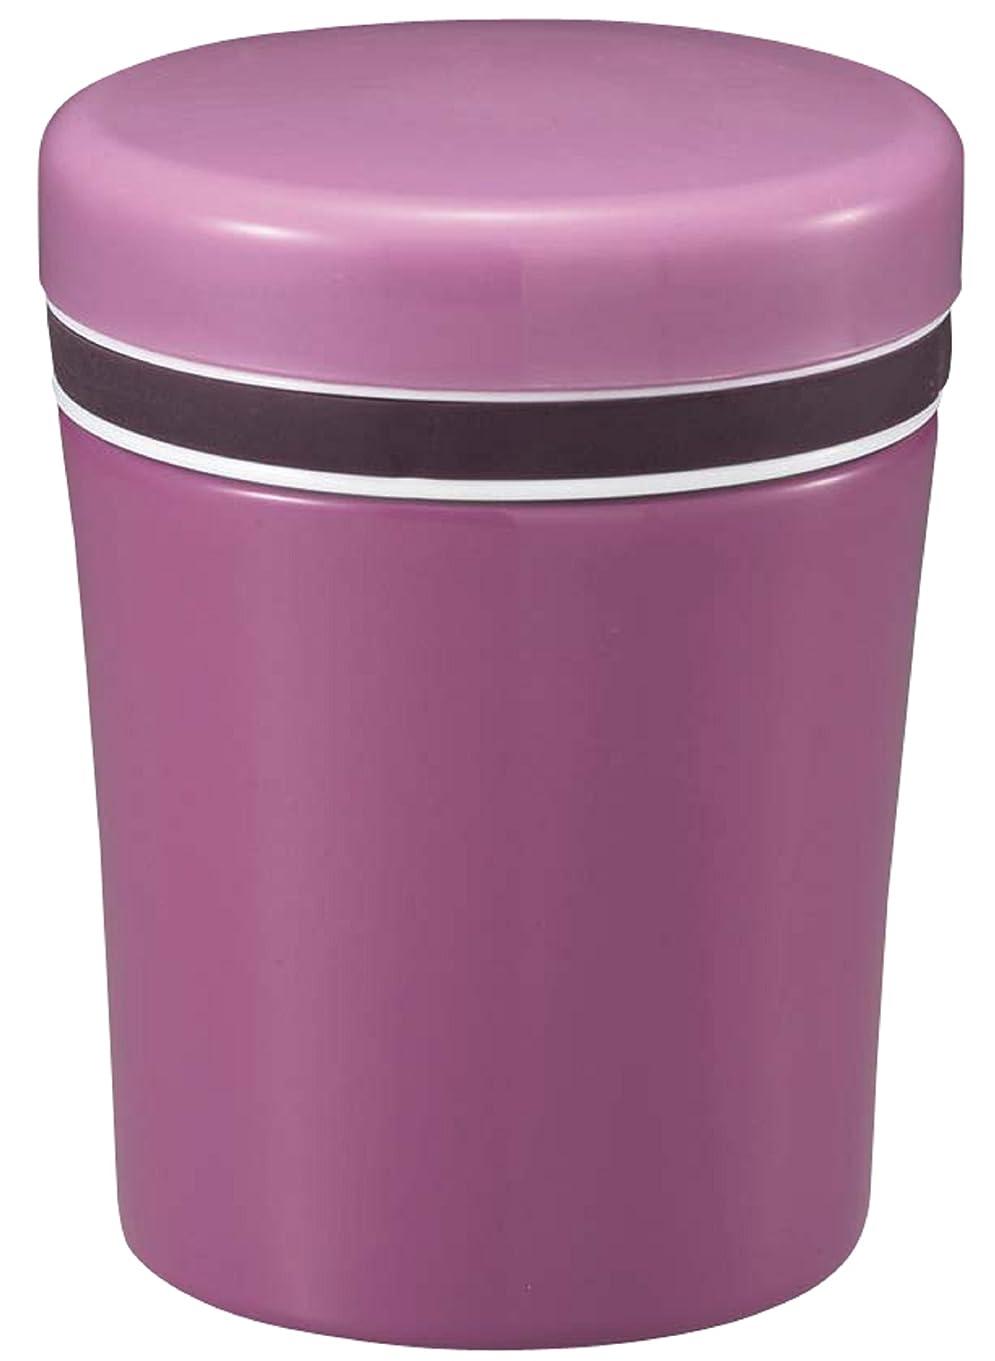 はがき引き出す多様体パール金属 フード ポット 310ml ピンク 保温 弁当箱 アルト UE-3217